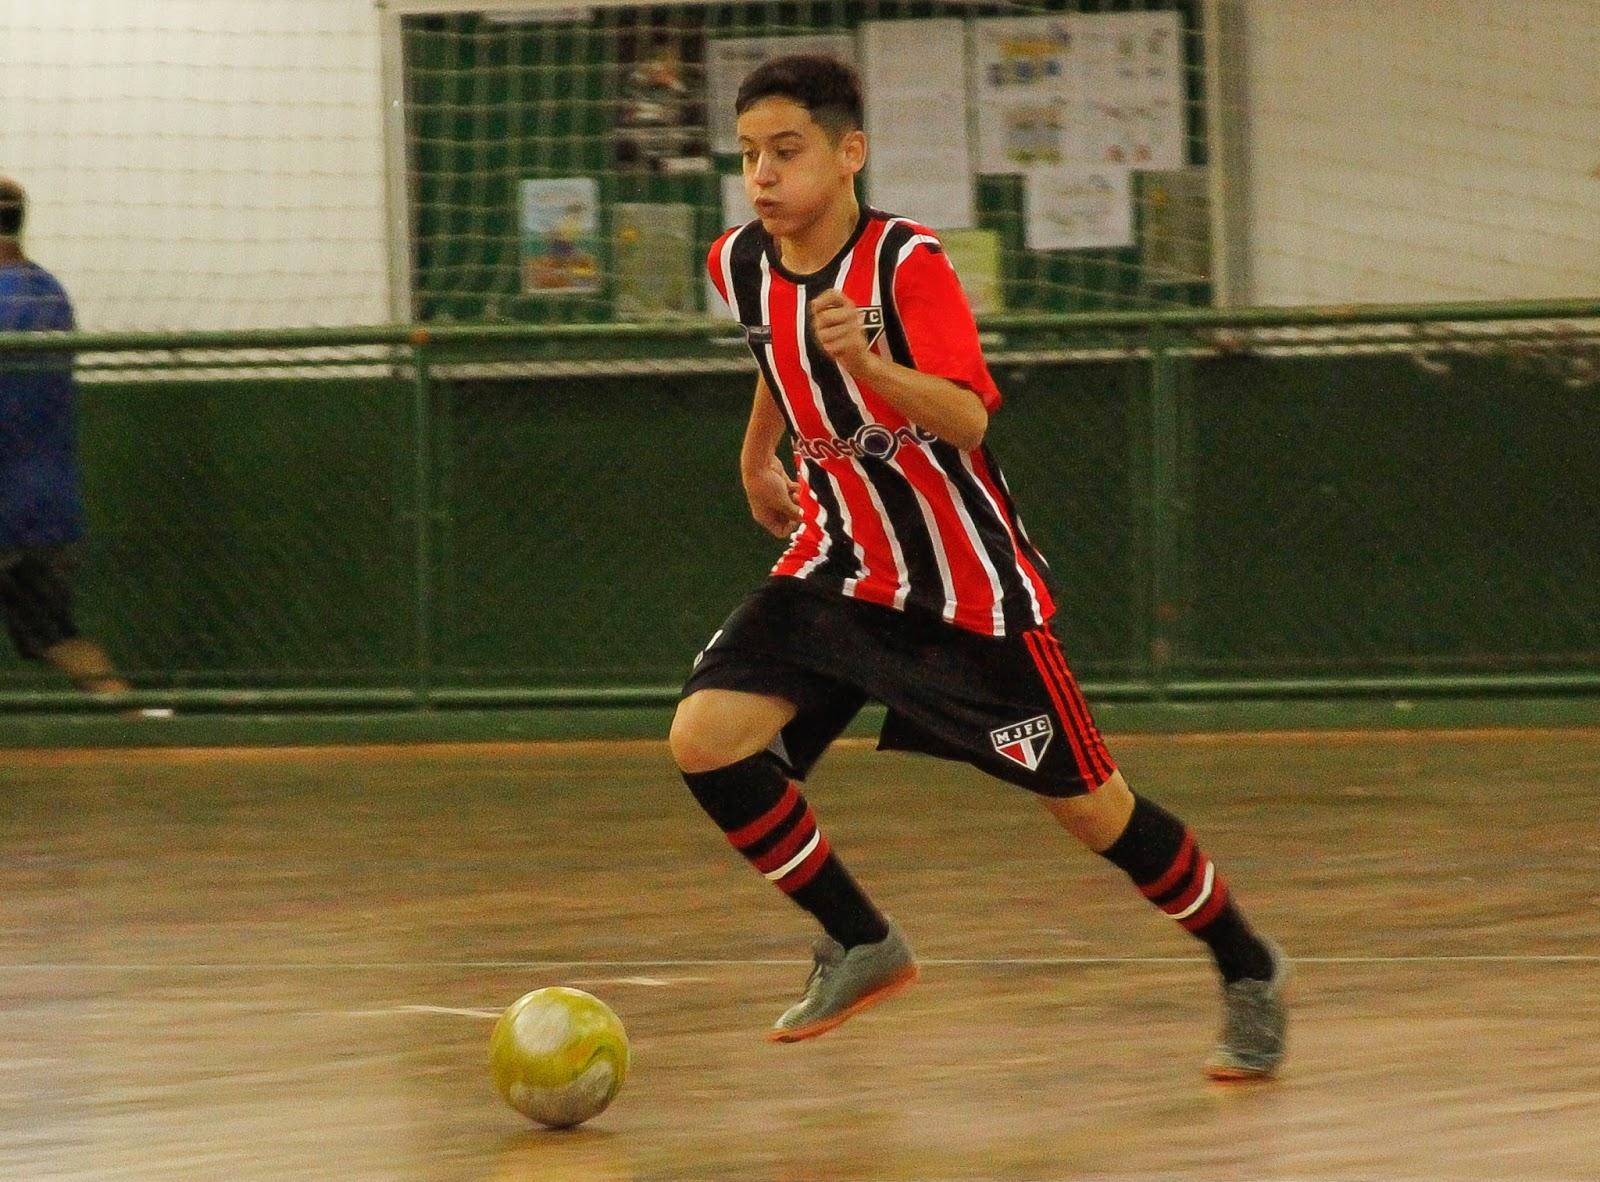 9fdc7708a2662 ... Jundiaí venceu por 5 a 1 o JFC em sua estreia na Copa Garotão de futsal